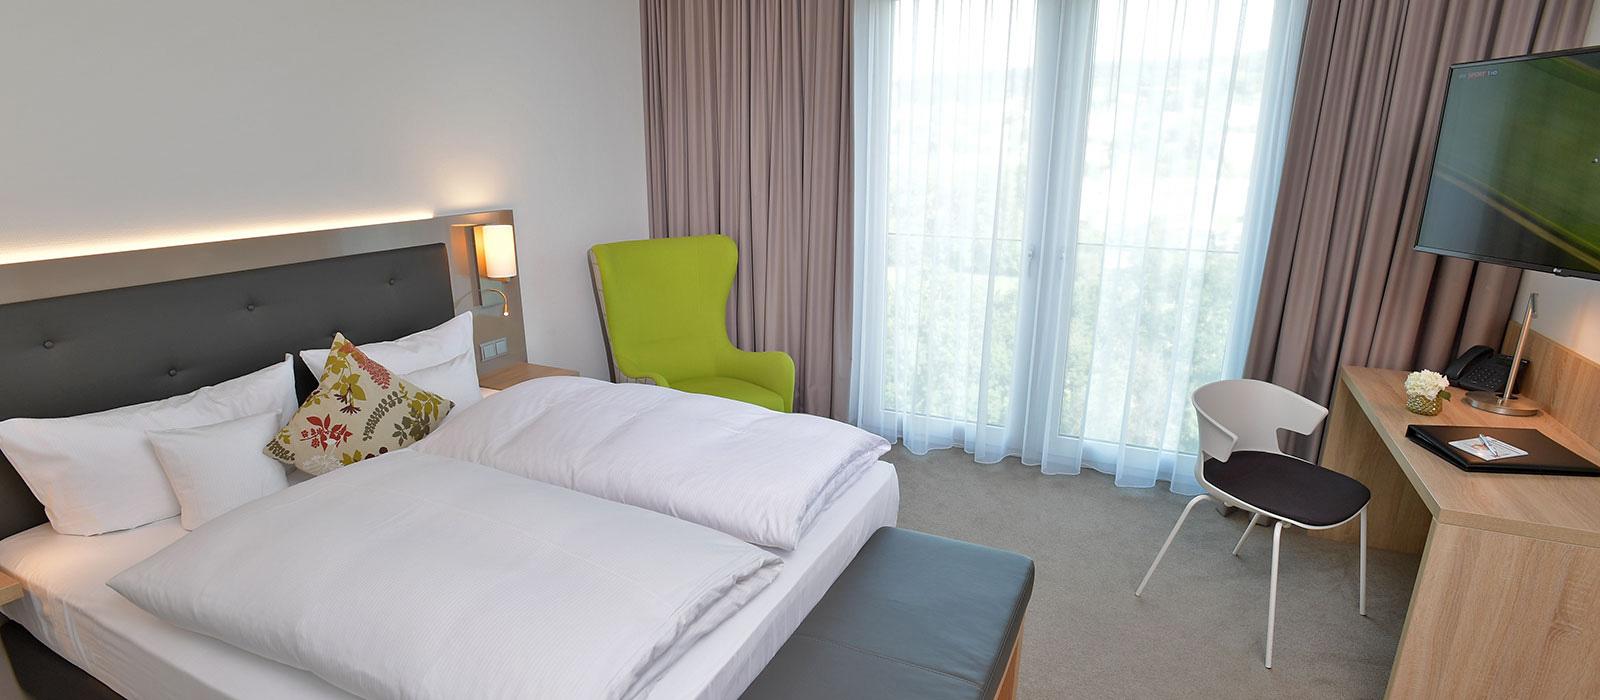 Superior Zimmer, Best Western Queens Hotel Pforzheim-Niefern